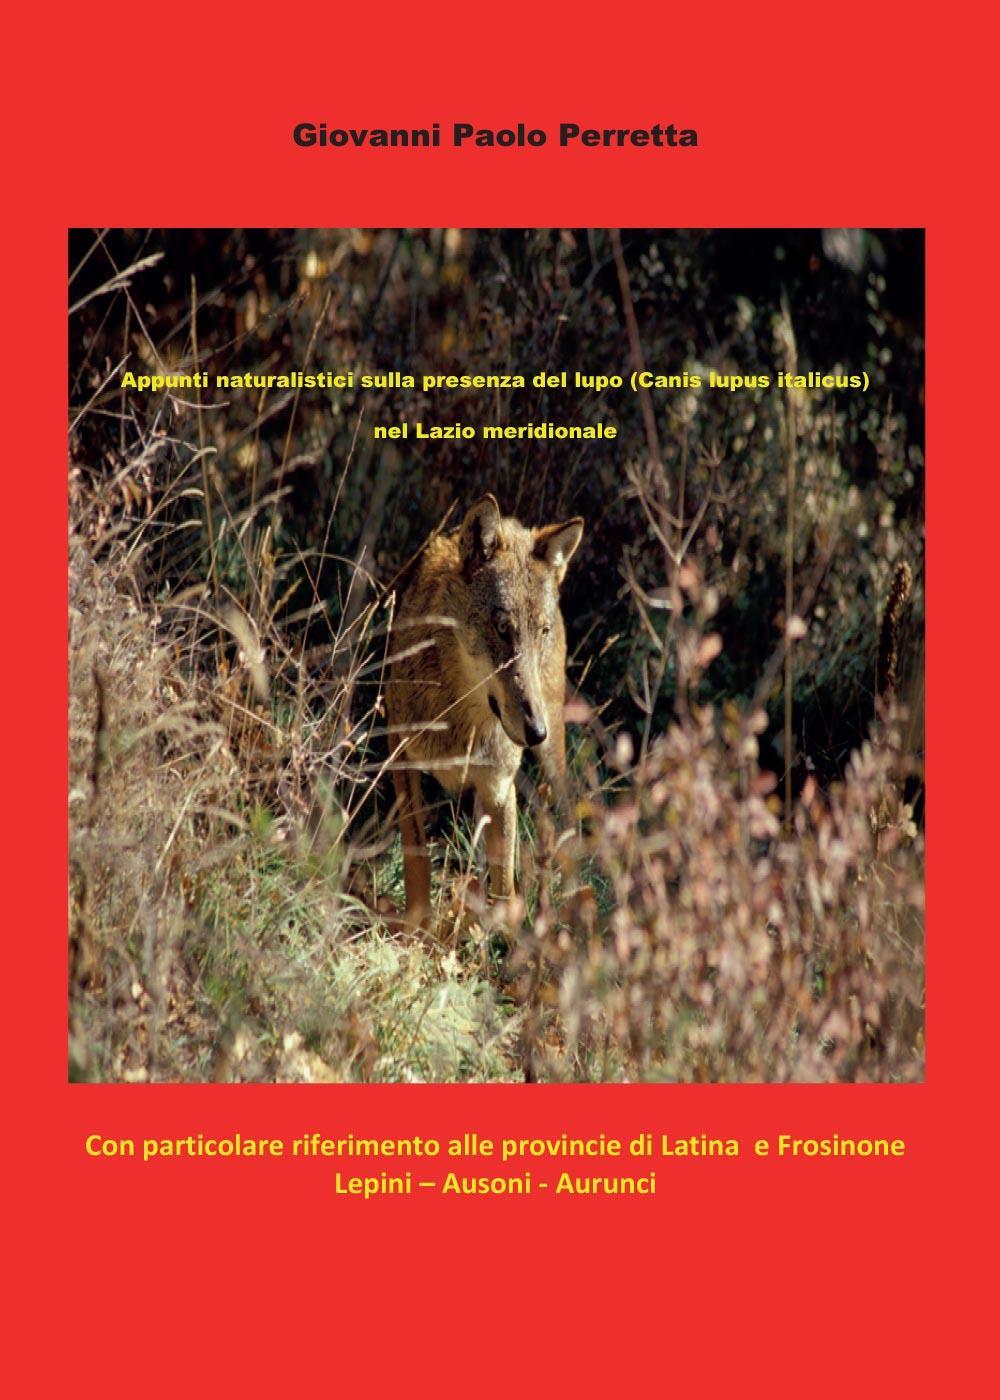 Appunti naturalistici sulla presenza del lupo (Canis lupus italicus) nel Lazio meridionale